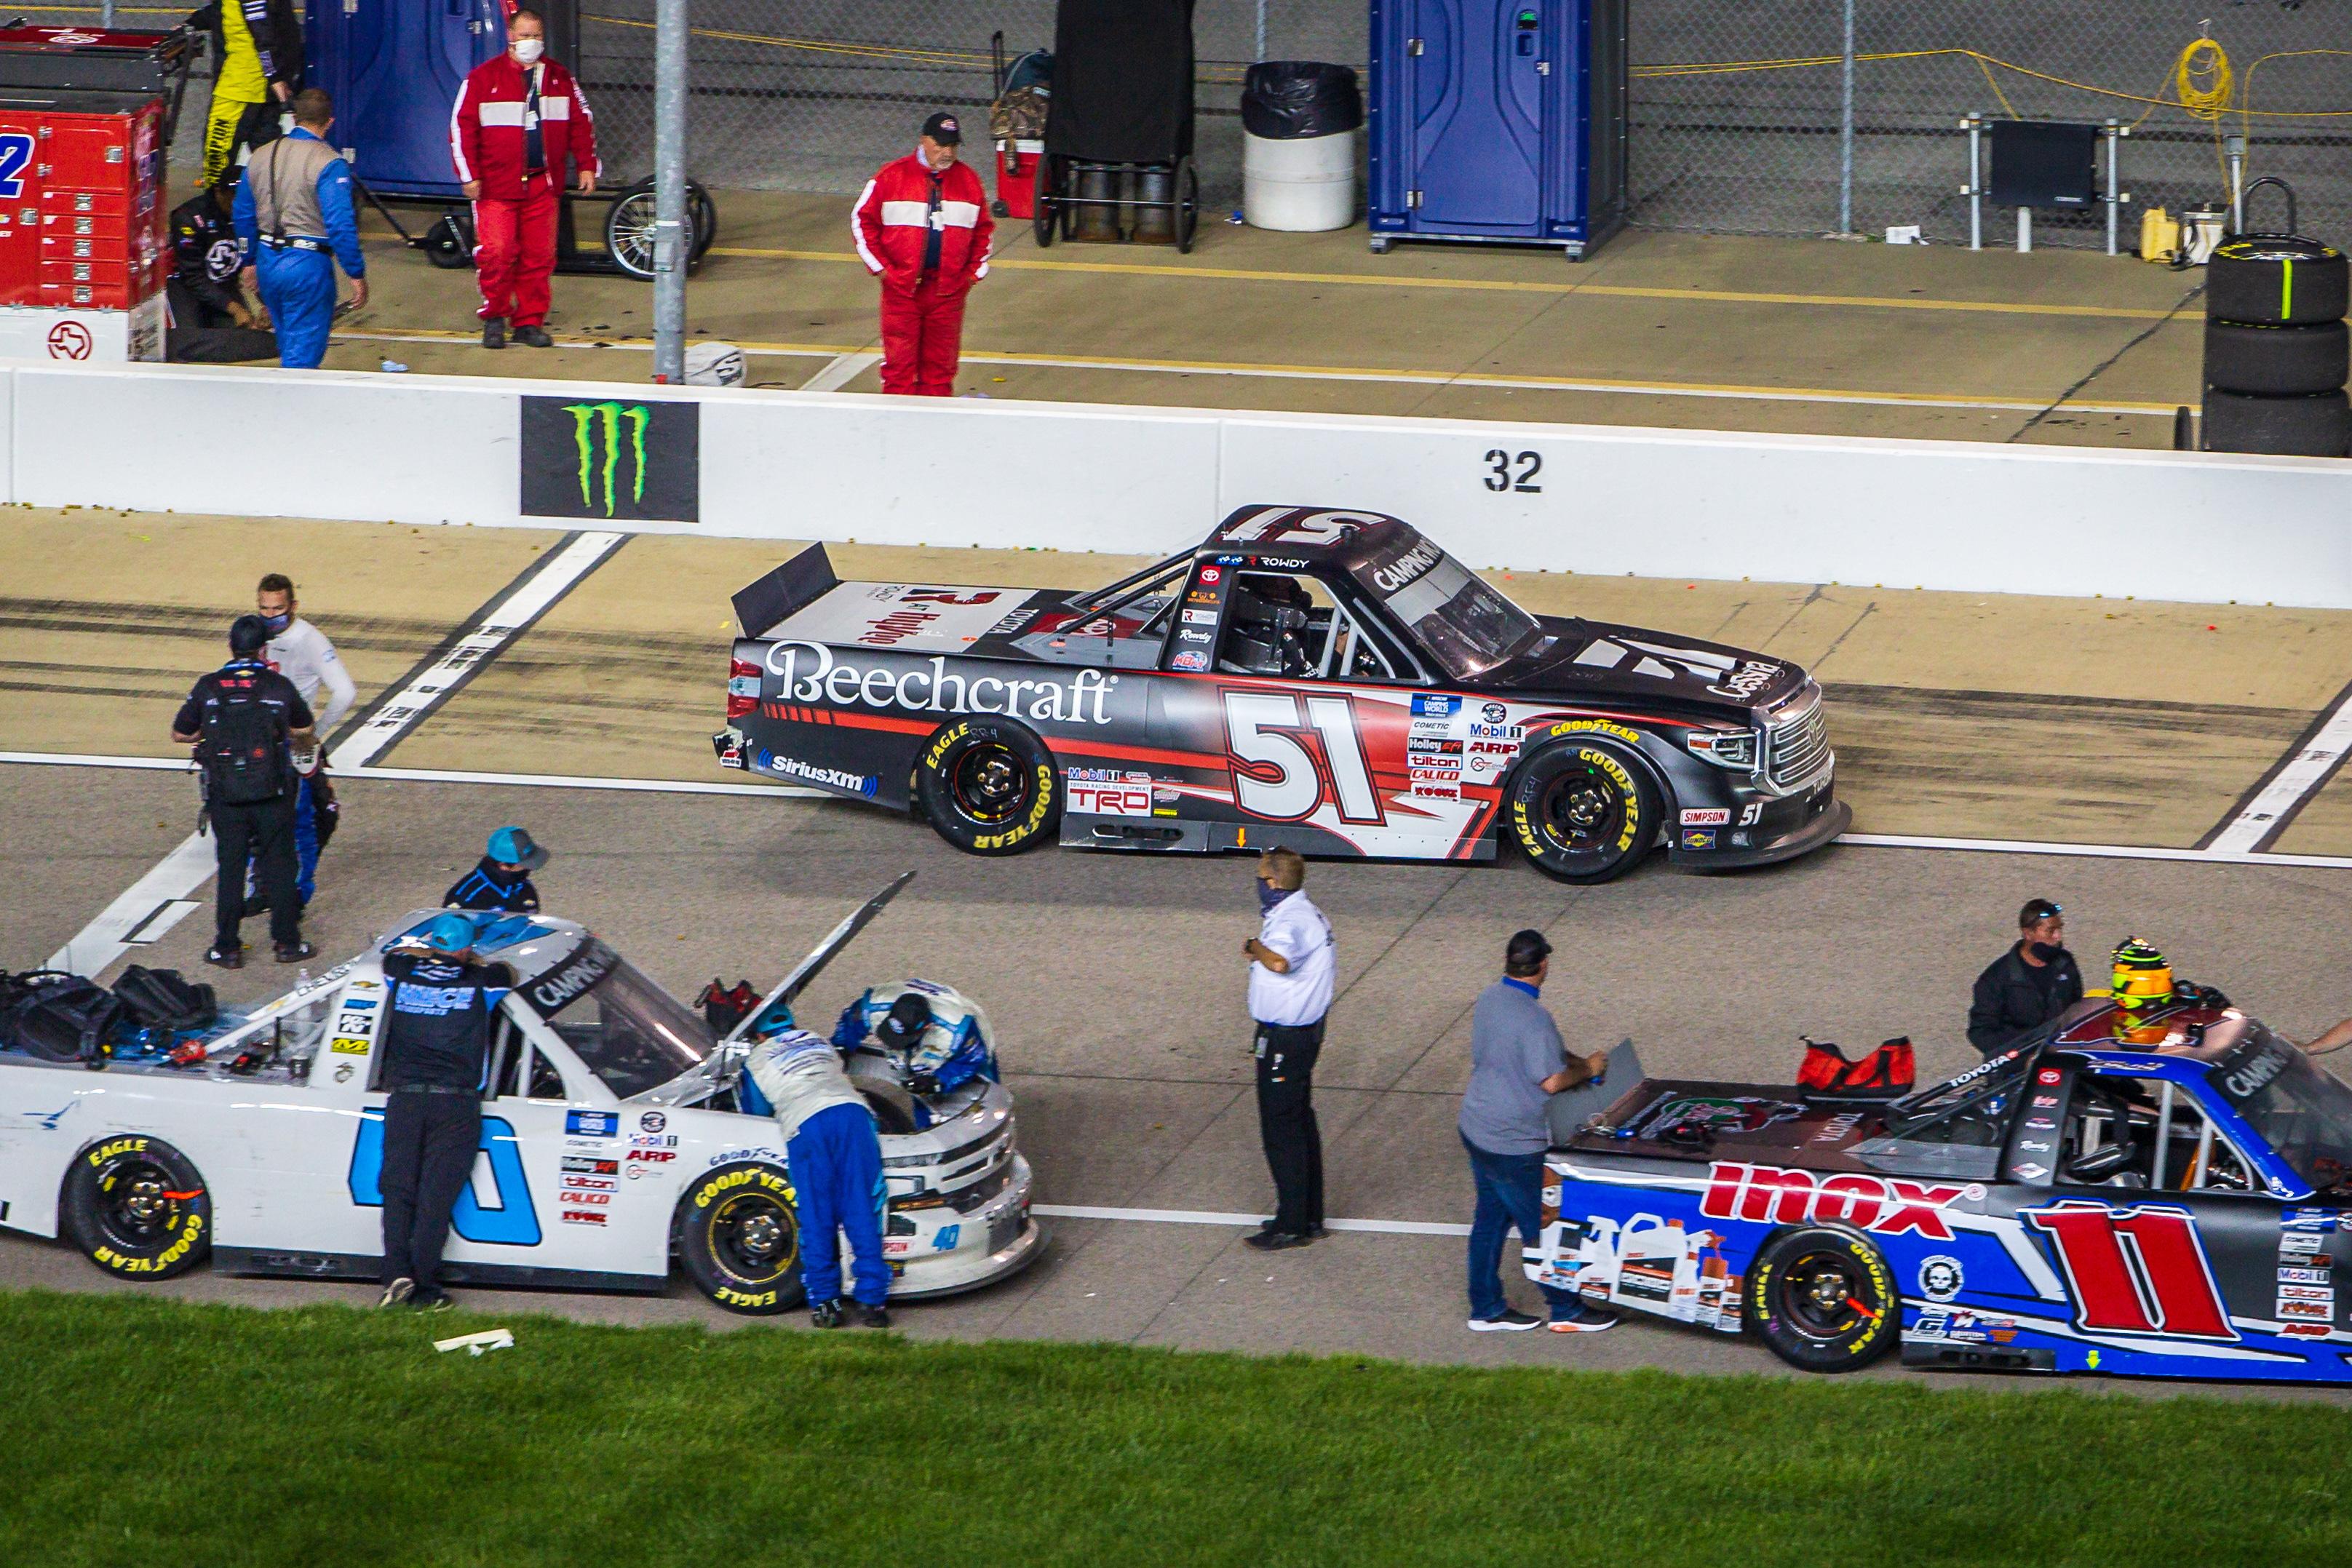 """5月1日,在堪萨斯州堪萨斯市的堪萨斯赛道上,51岁的纳斯卡甘德房车和户外卡车系列赛车手凯尔·布希(Kyle Busch)在赢得2021年""""智慧力量200""""比赛后,走向胜利跑道。"""